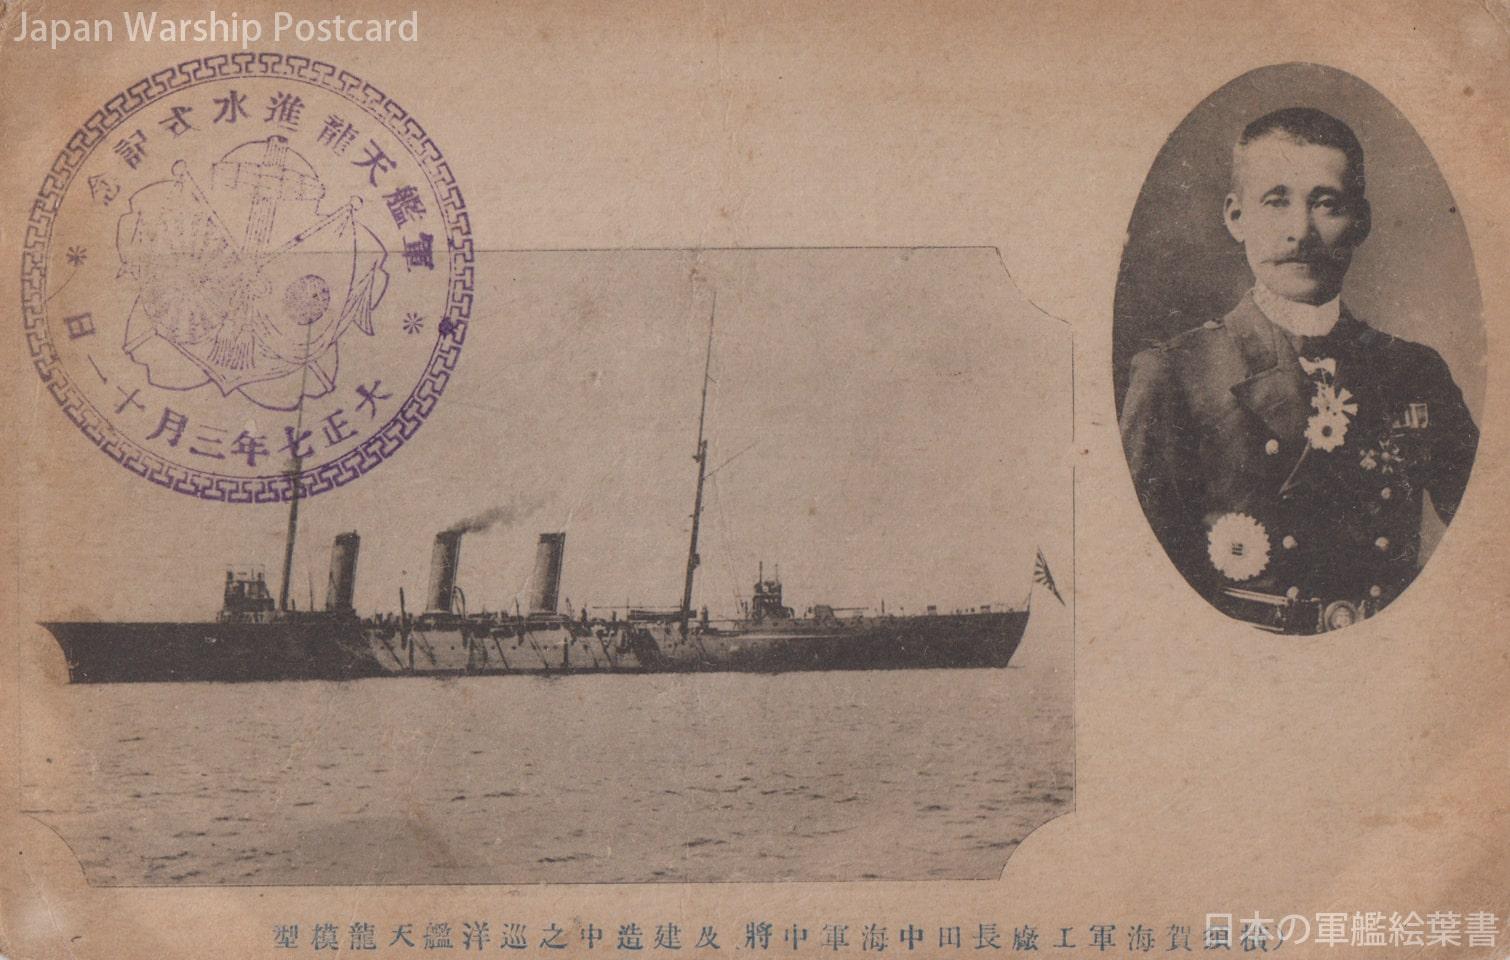 横須賀海軍工廠長田中海軍中将及建造中之巡洋艦天龍模型